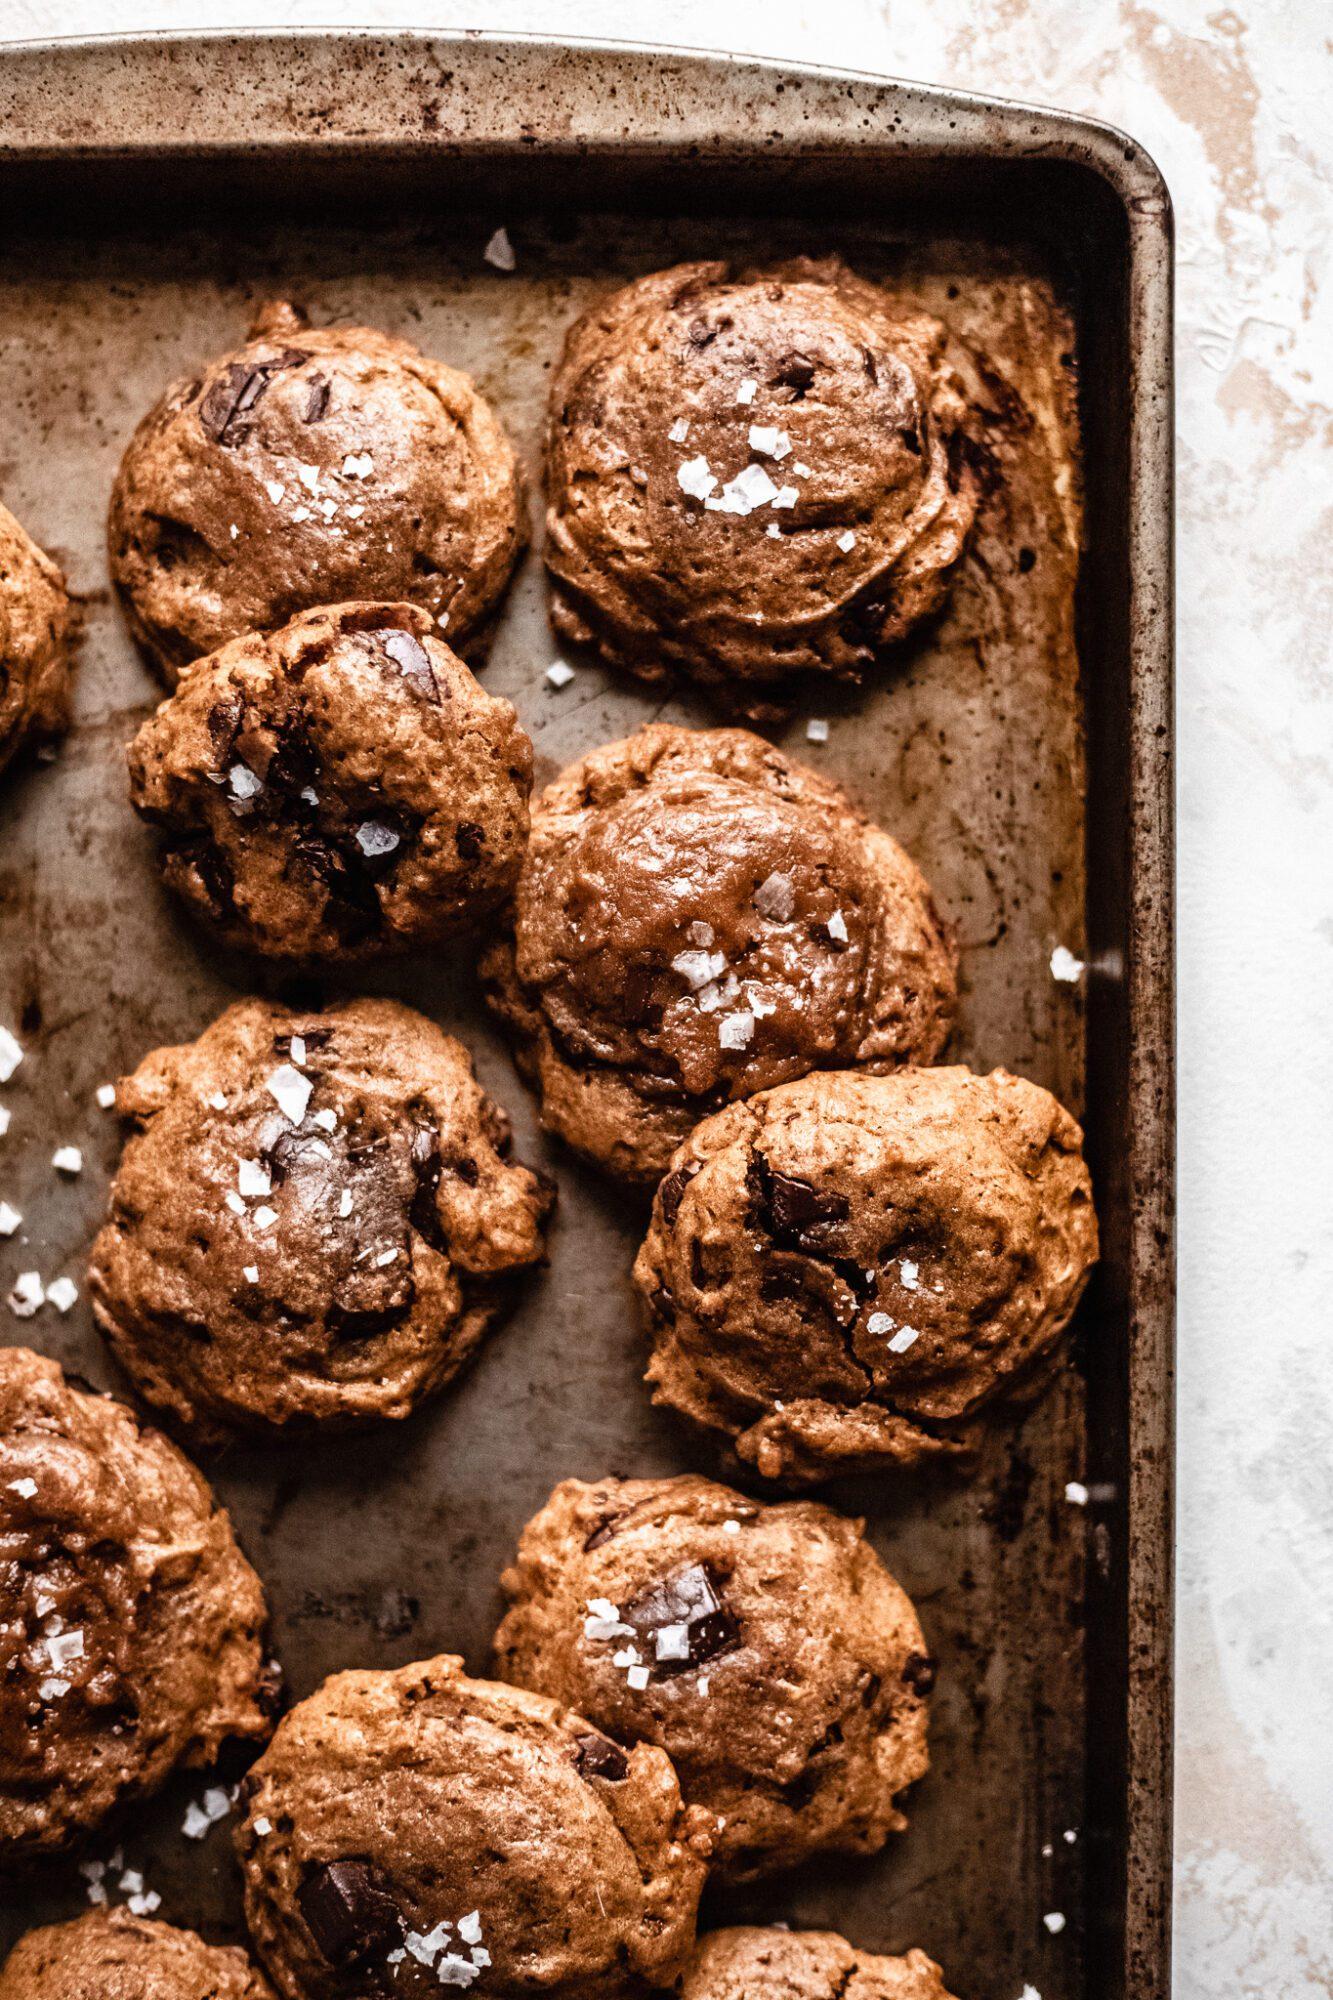 vegan chocolate chip cookies on baking sheet